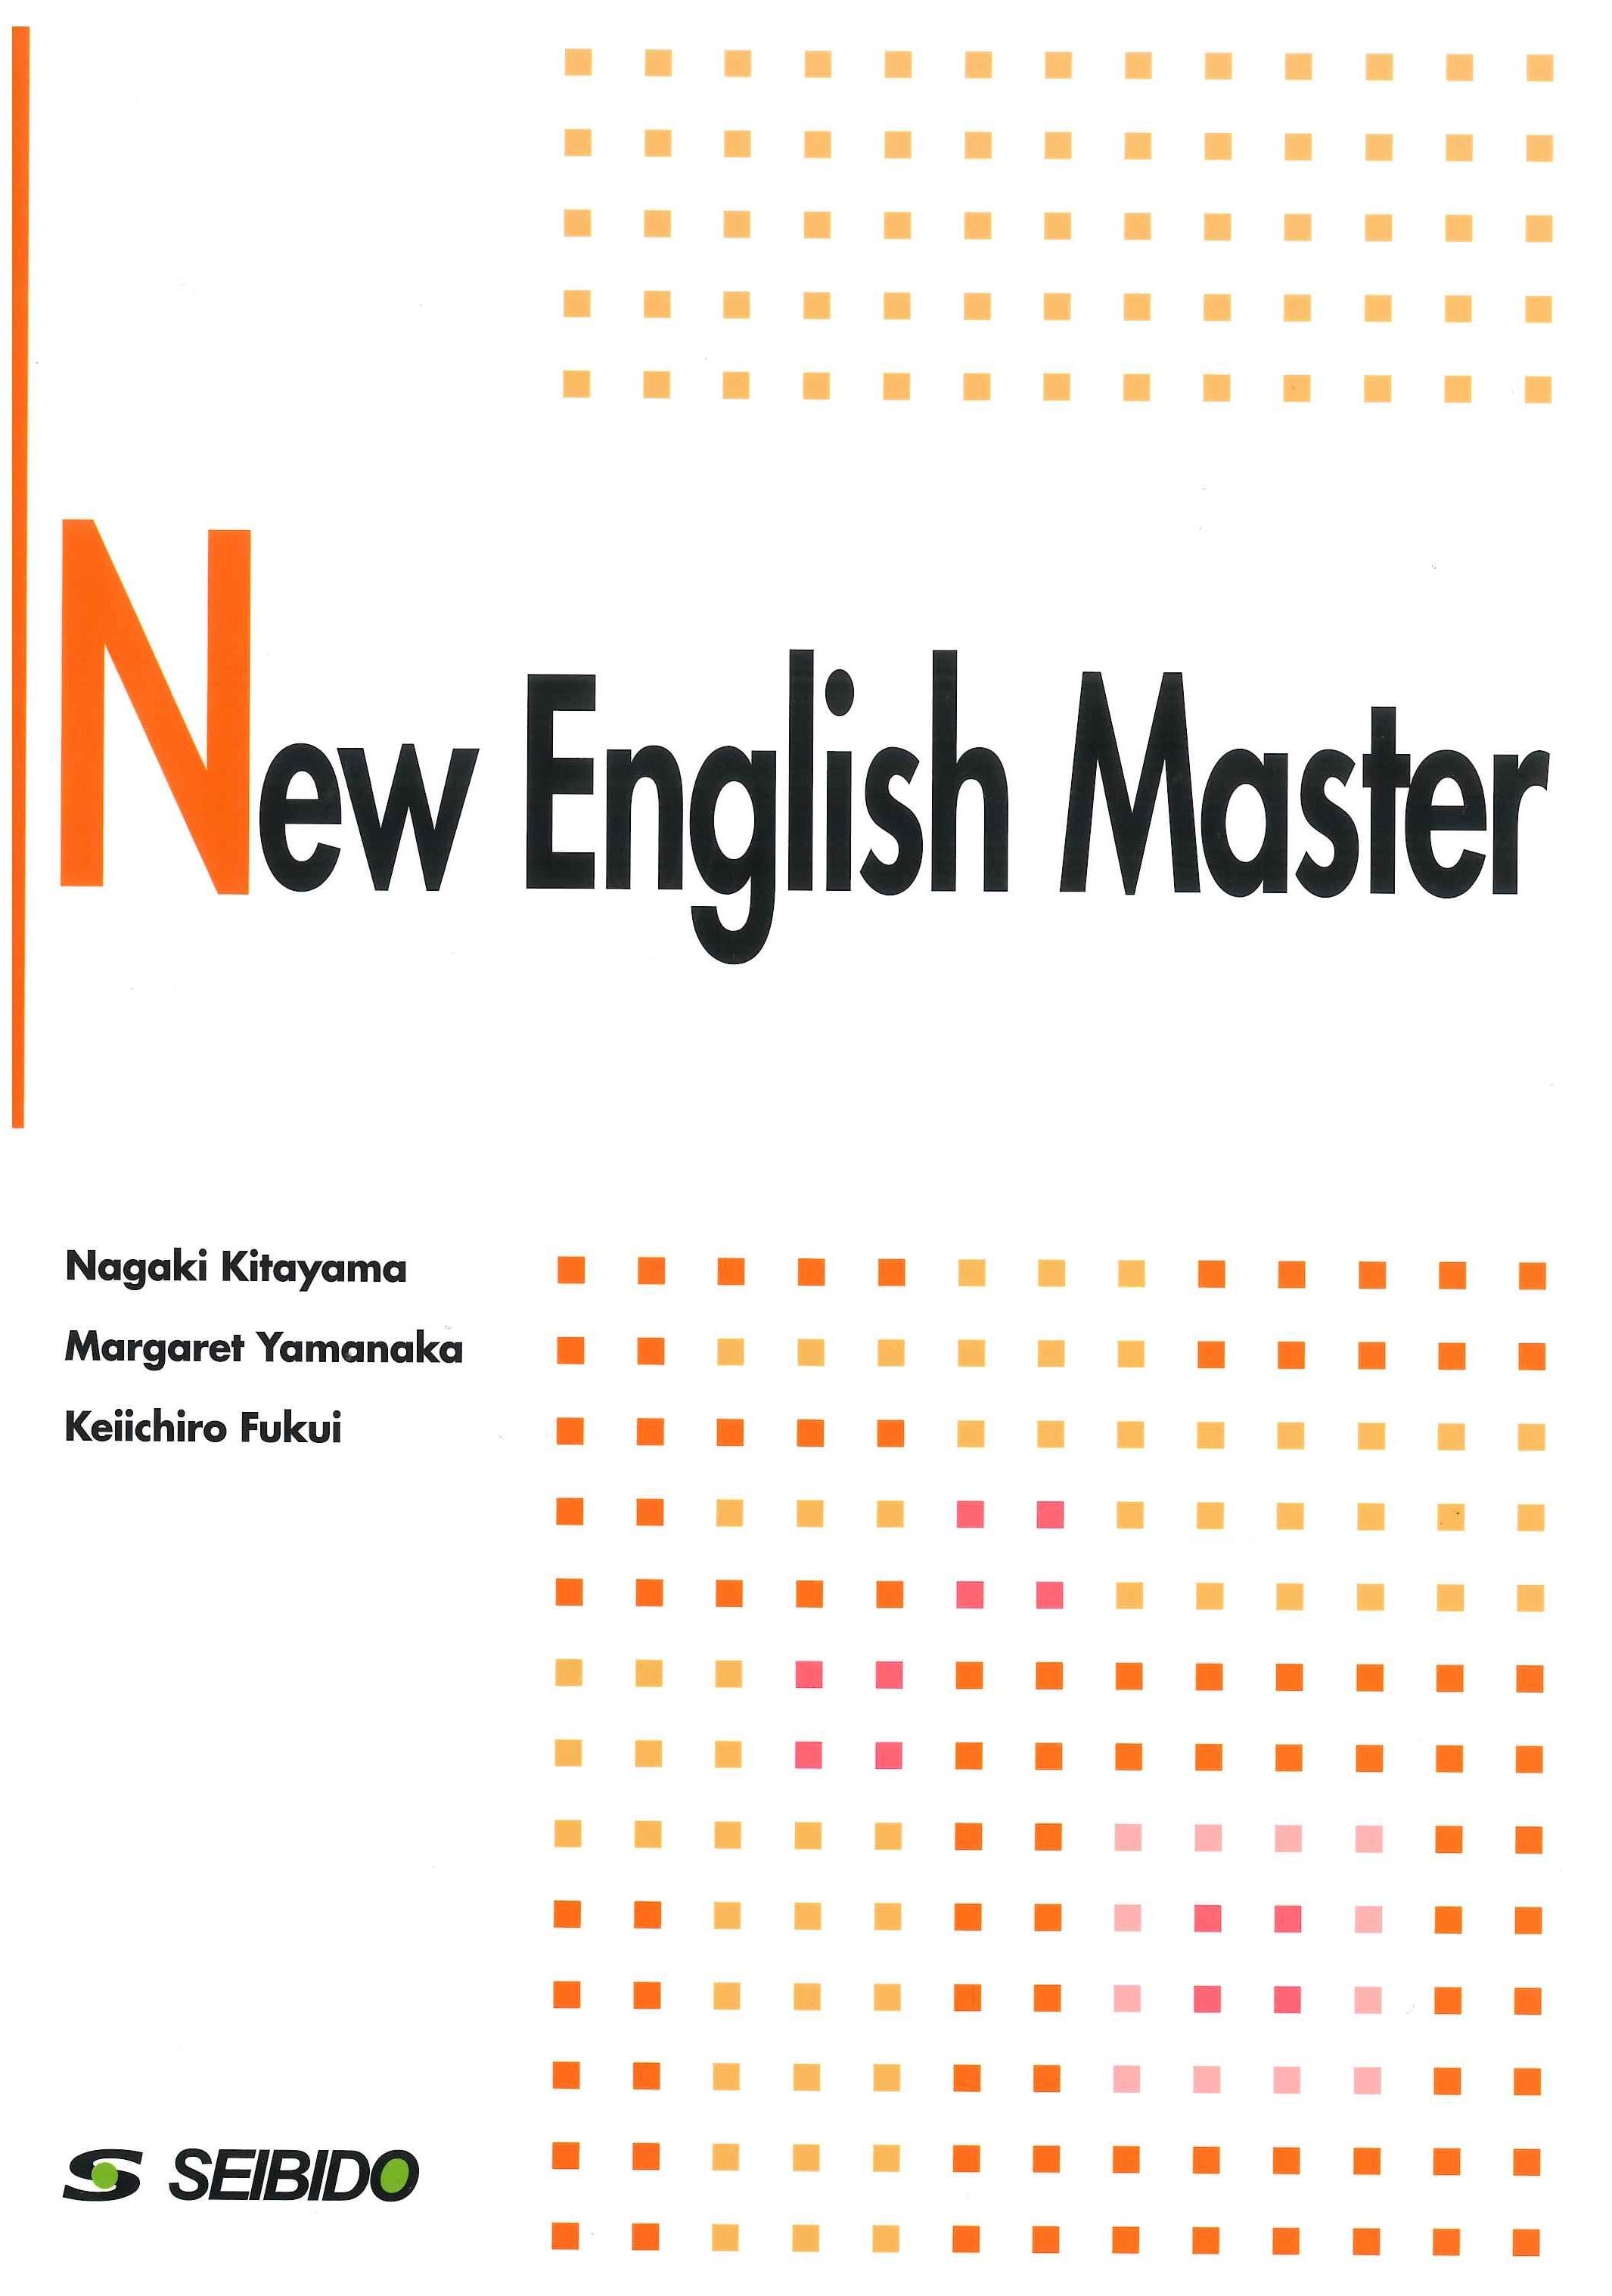 NewEnglishMaster